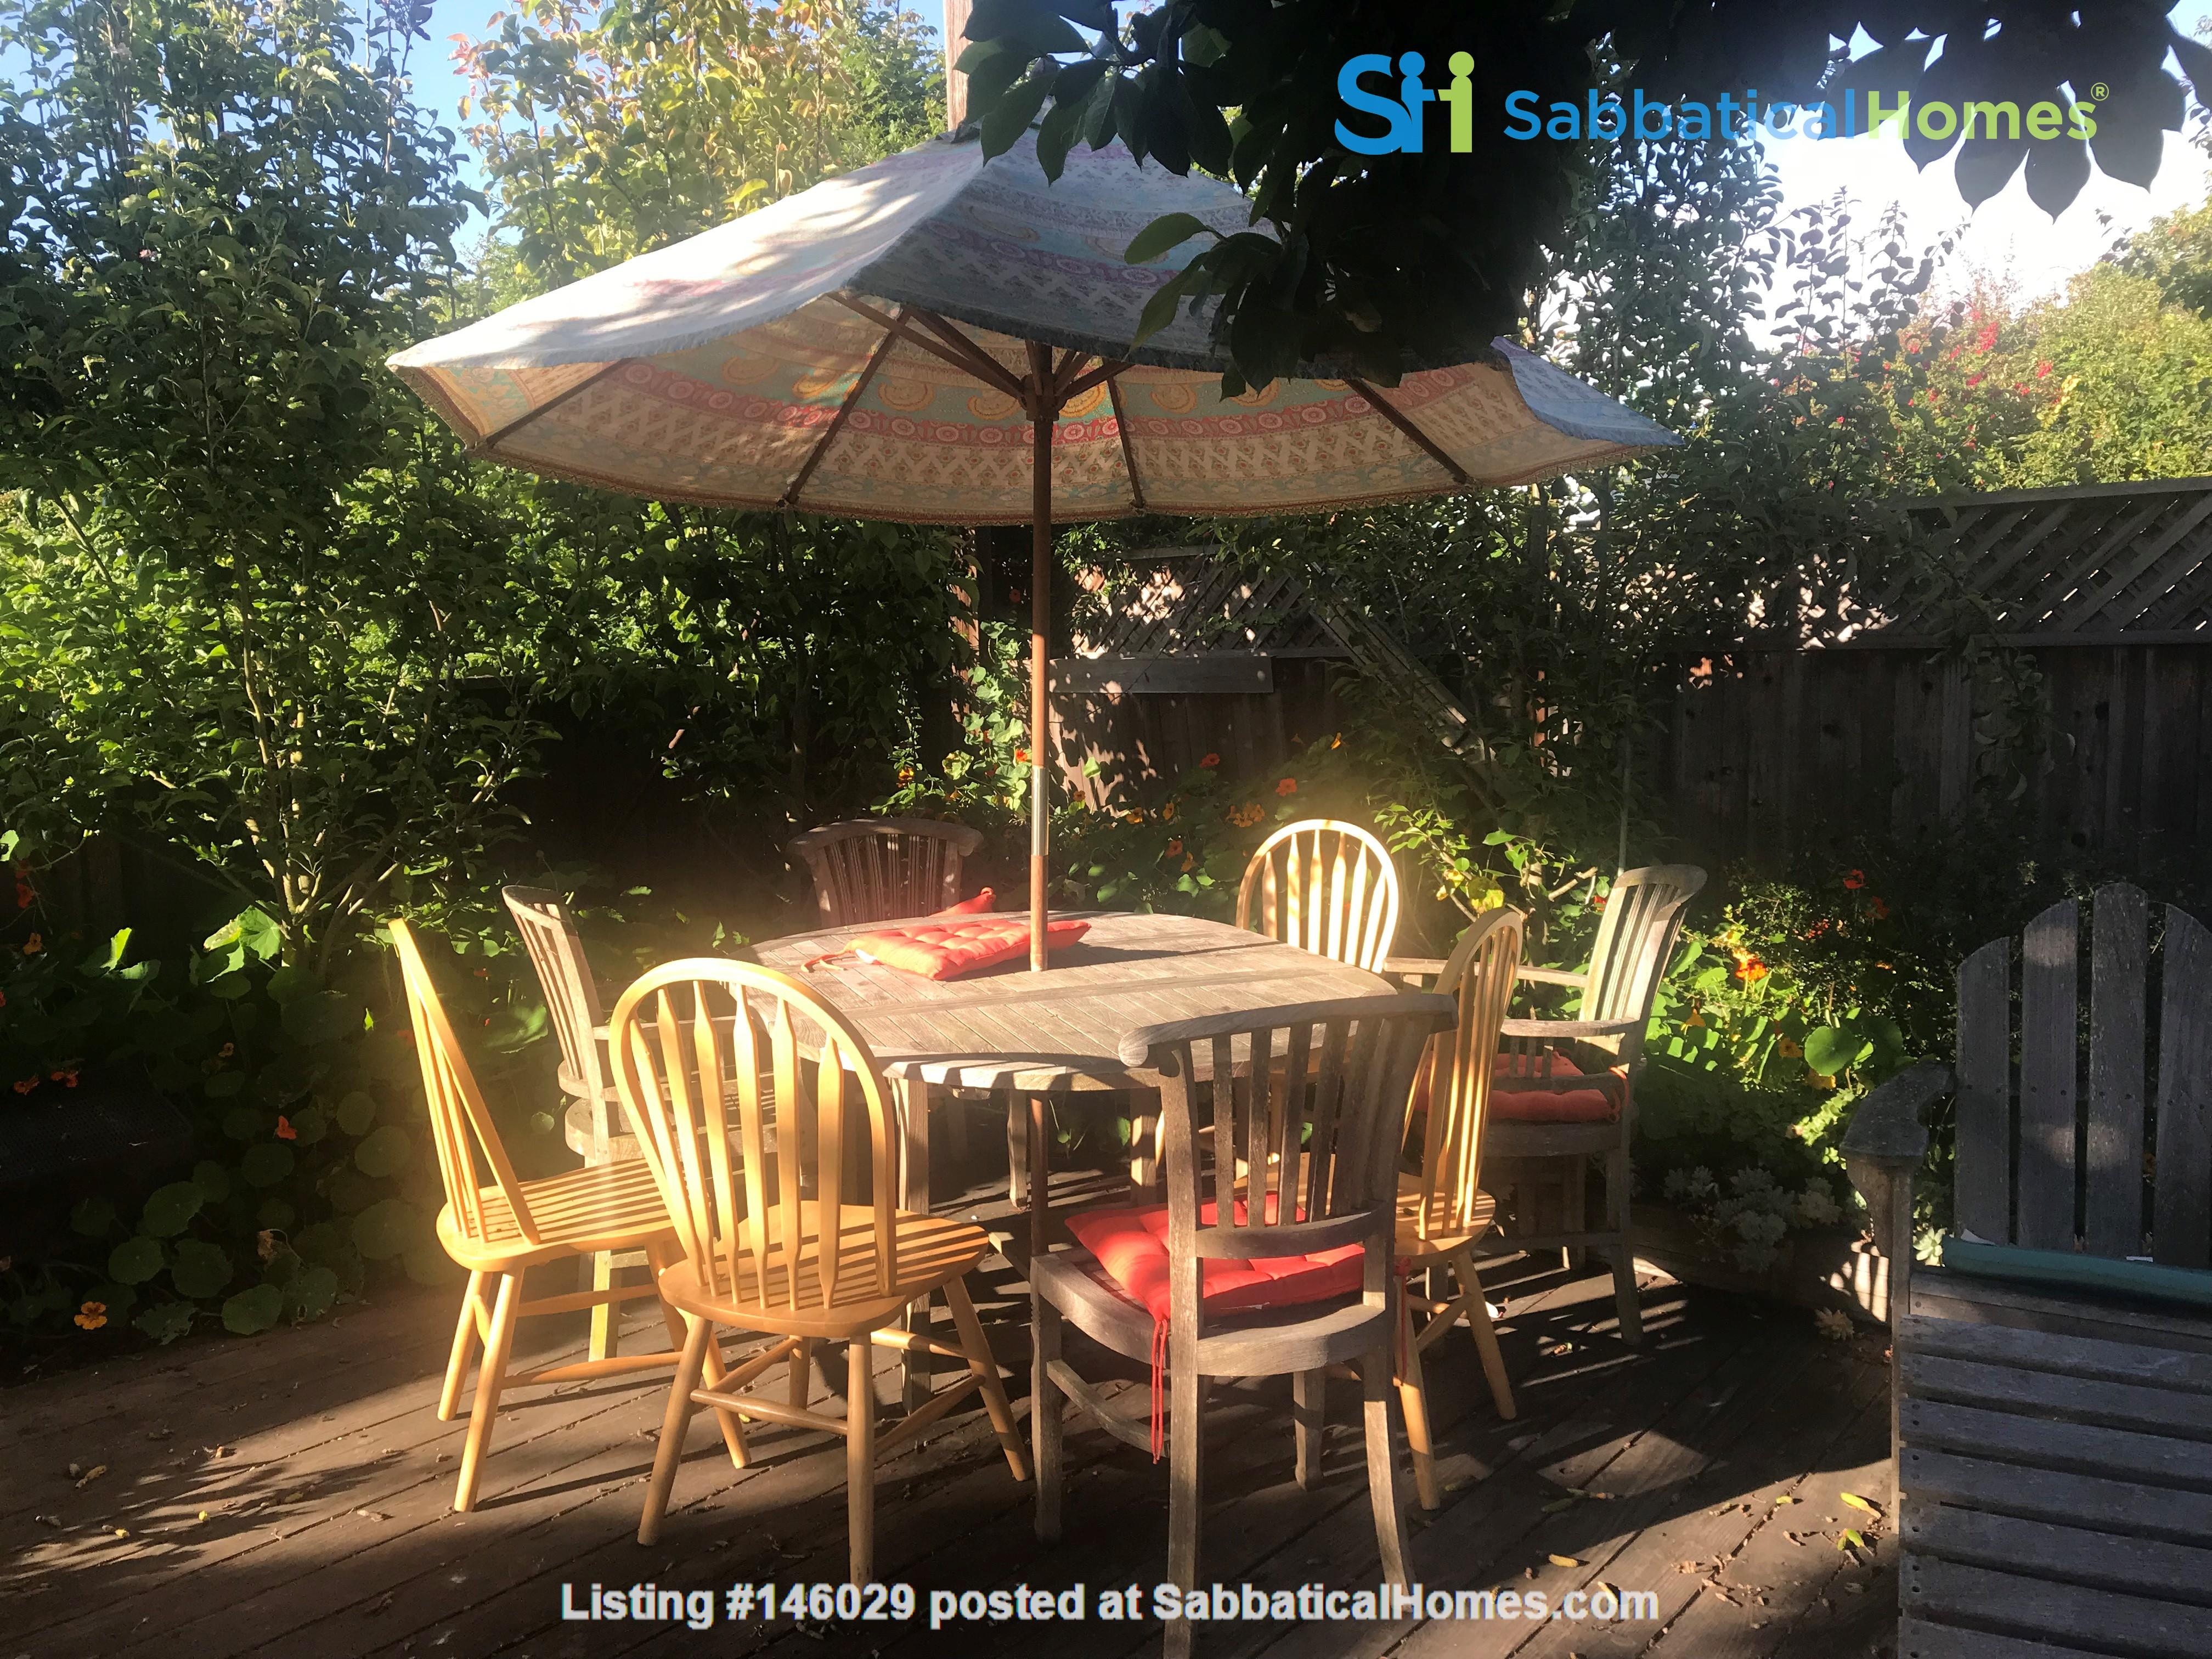 Sublet  Sunny Furnished 3 bedroom / 1..5 bathroom Berkeley Home Home Rental in Berkeley 2